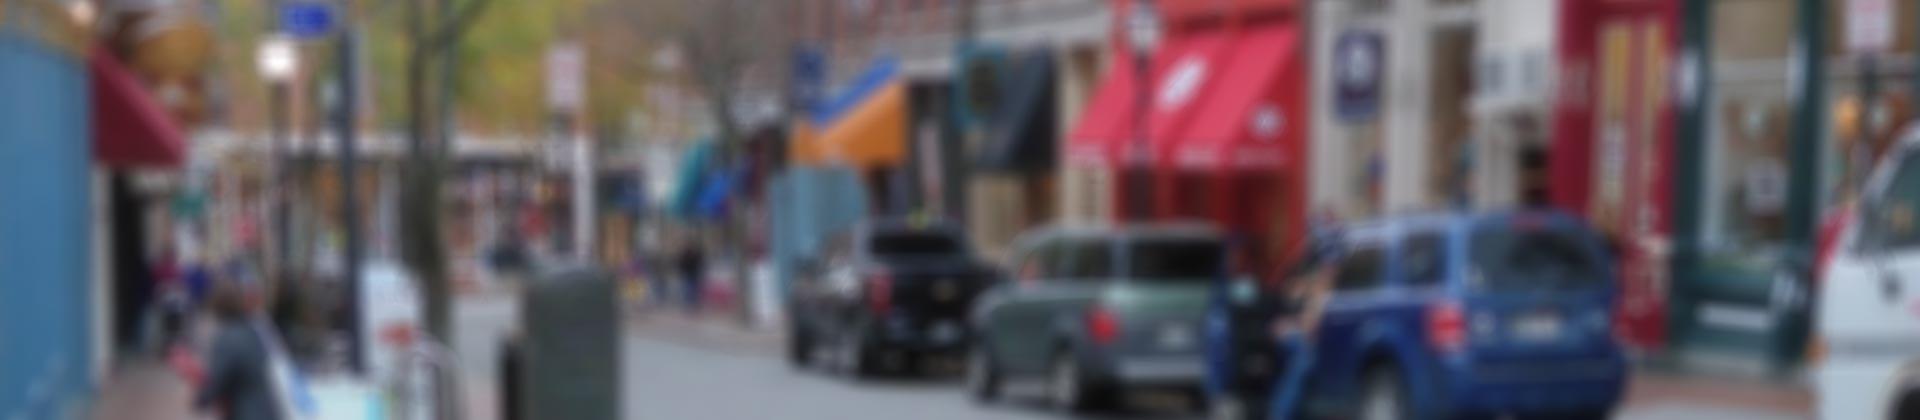 portland-downtown1-slide-bkg1